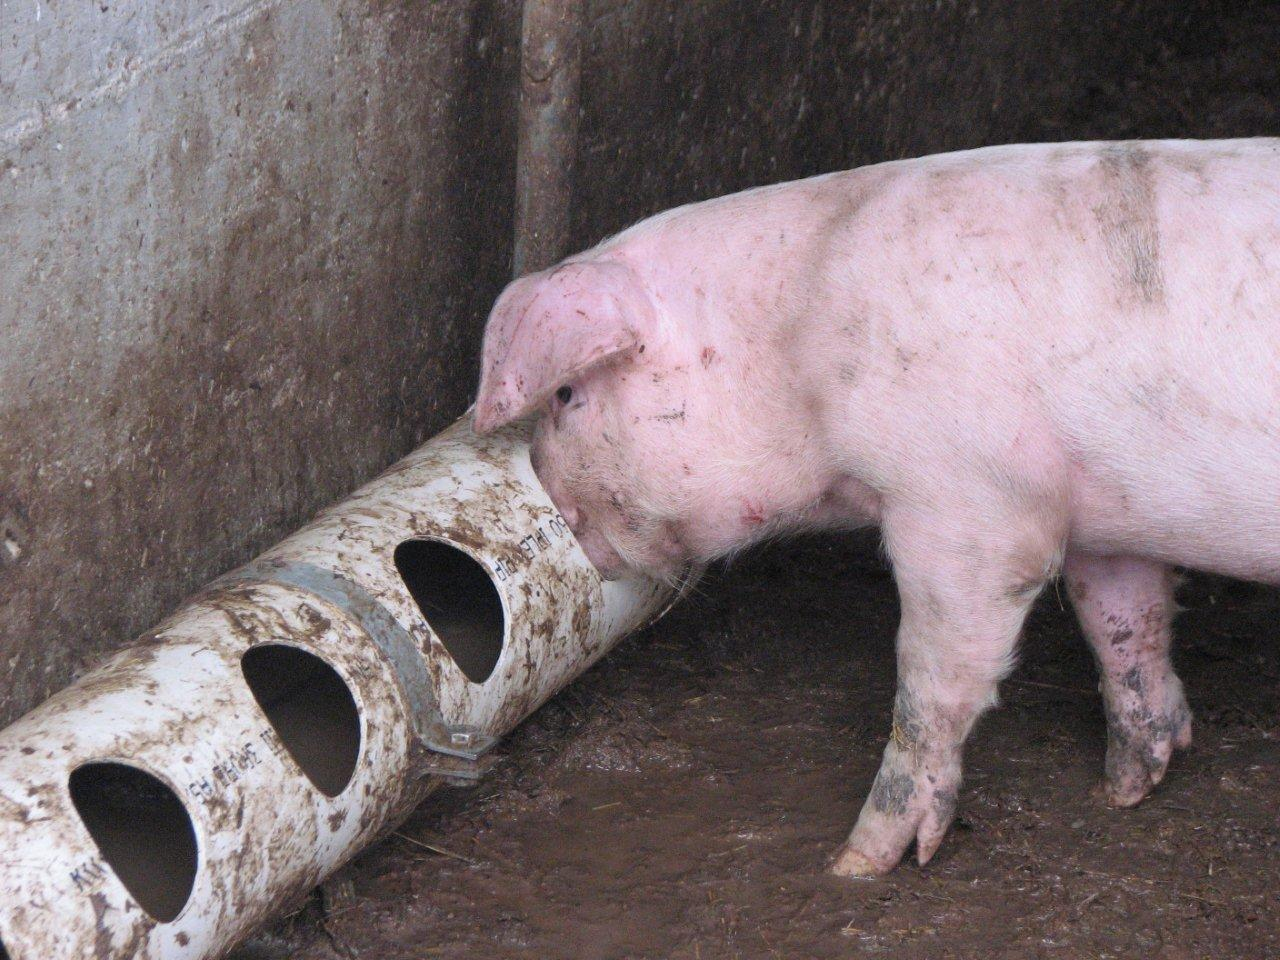 Drinking pig 300307 kb